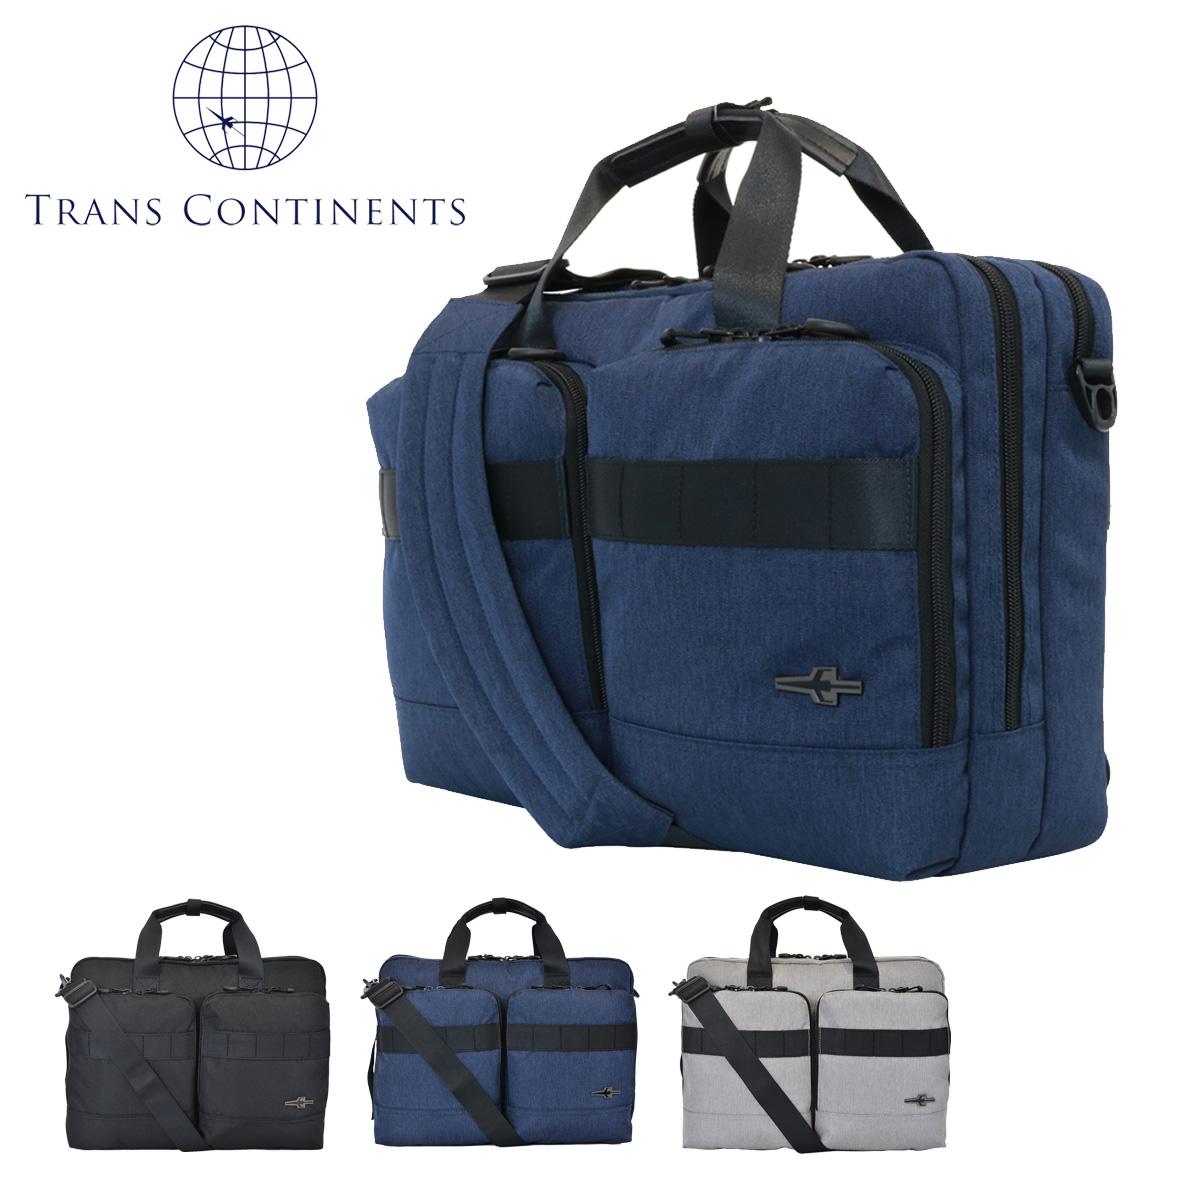 トランスコンチネンツ ビジネスバッグ 3WAY メンズ TC-4892 TRANS CONTINENTS   リュック ブリーフケース [PO10][bef]